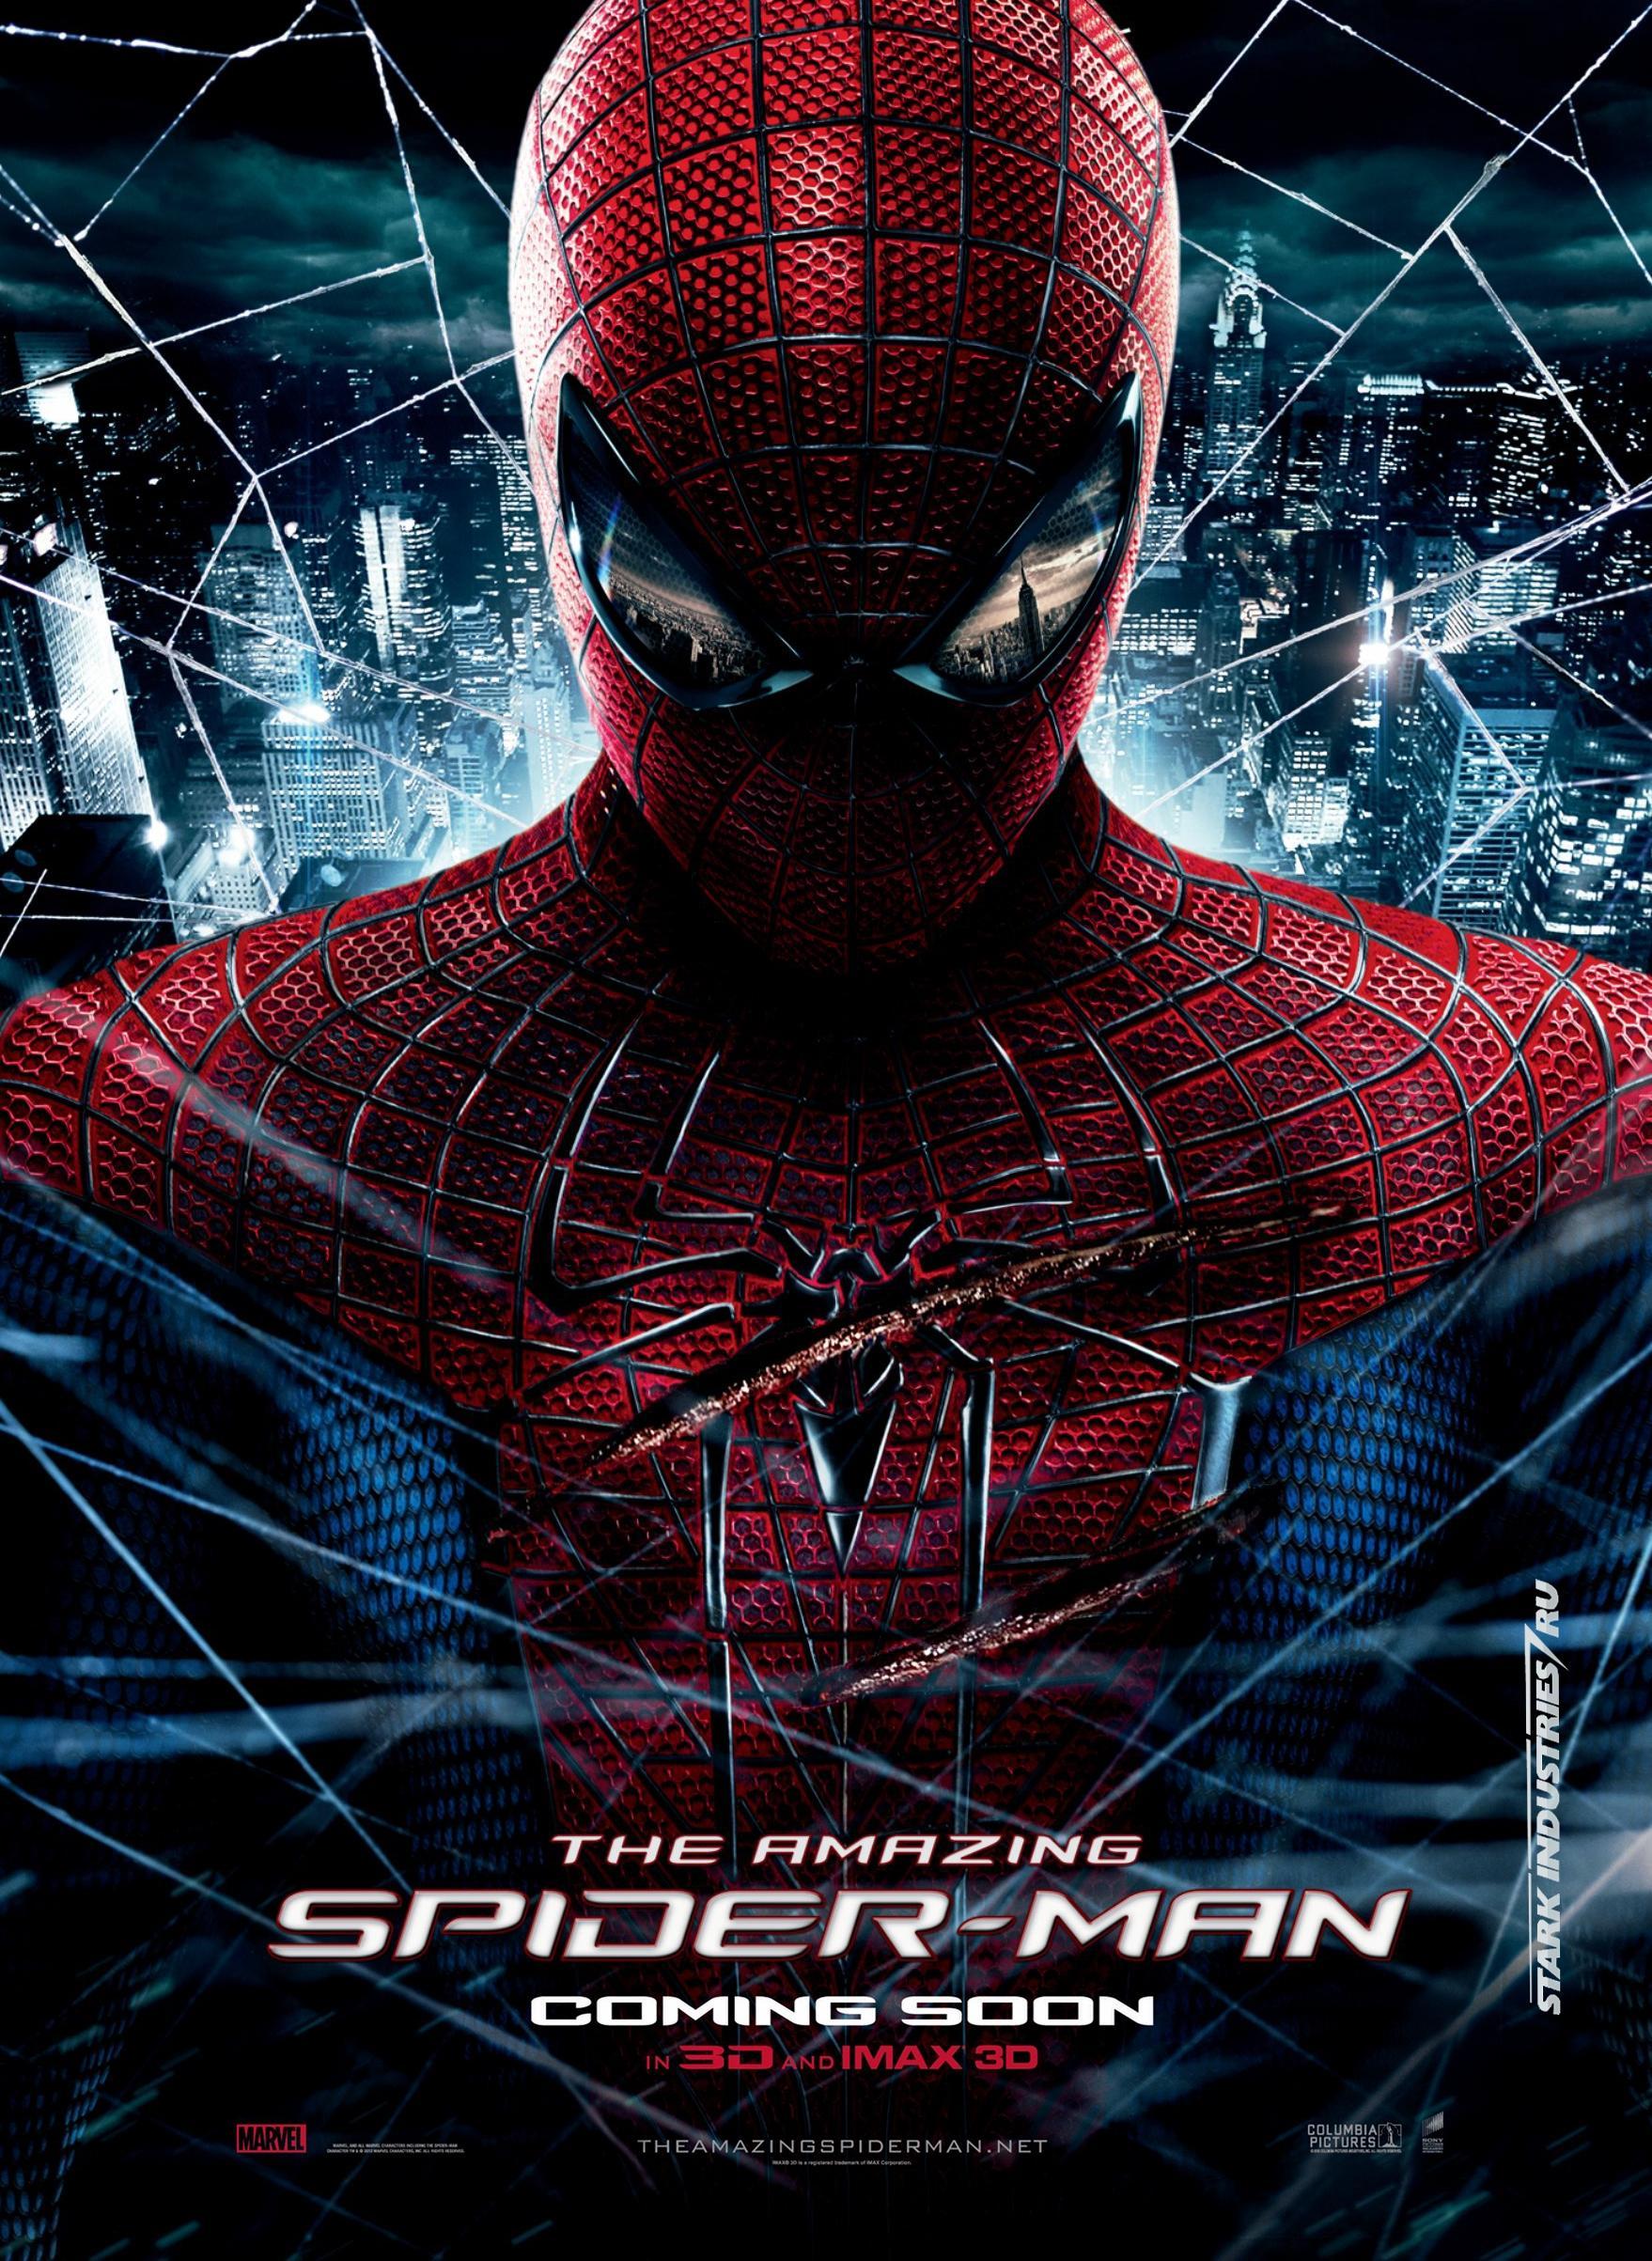 amazing-spider-man-movie-poster.jpg (1758×2406)